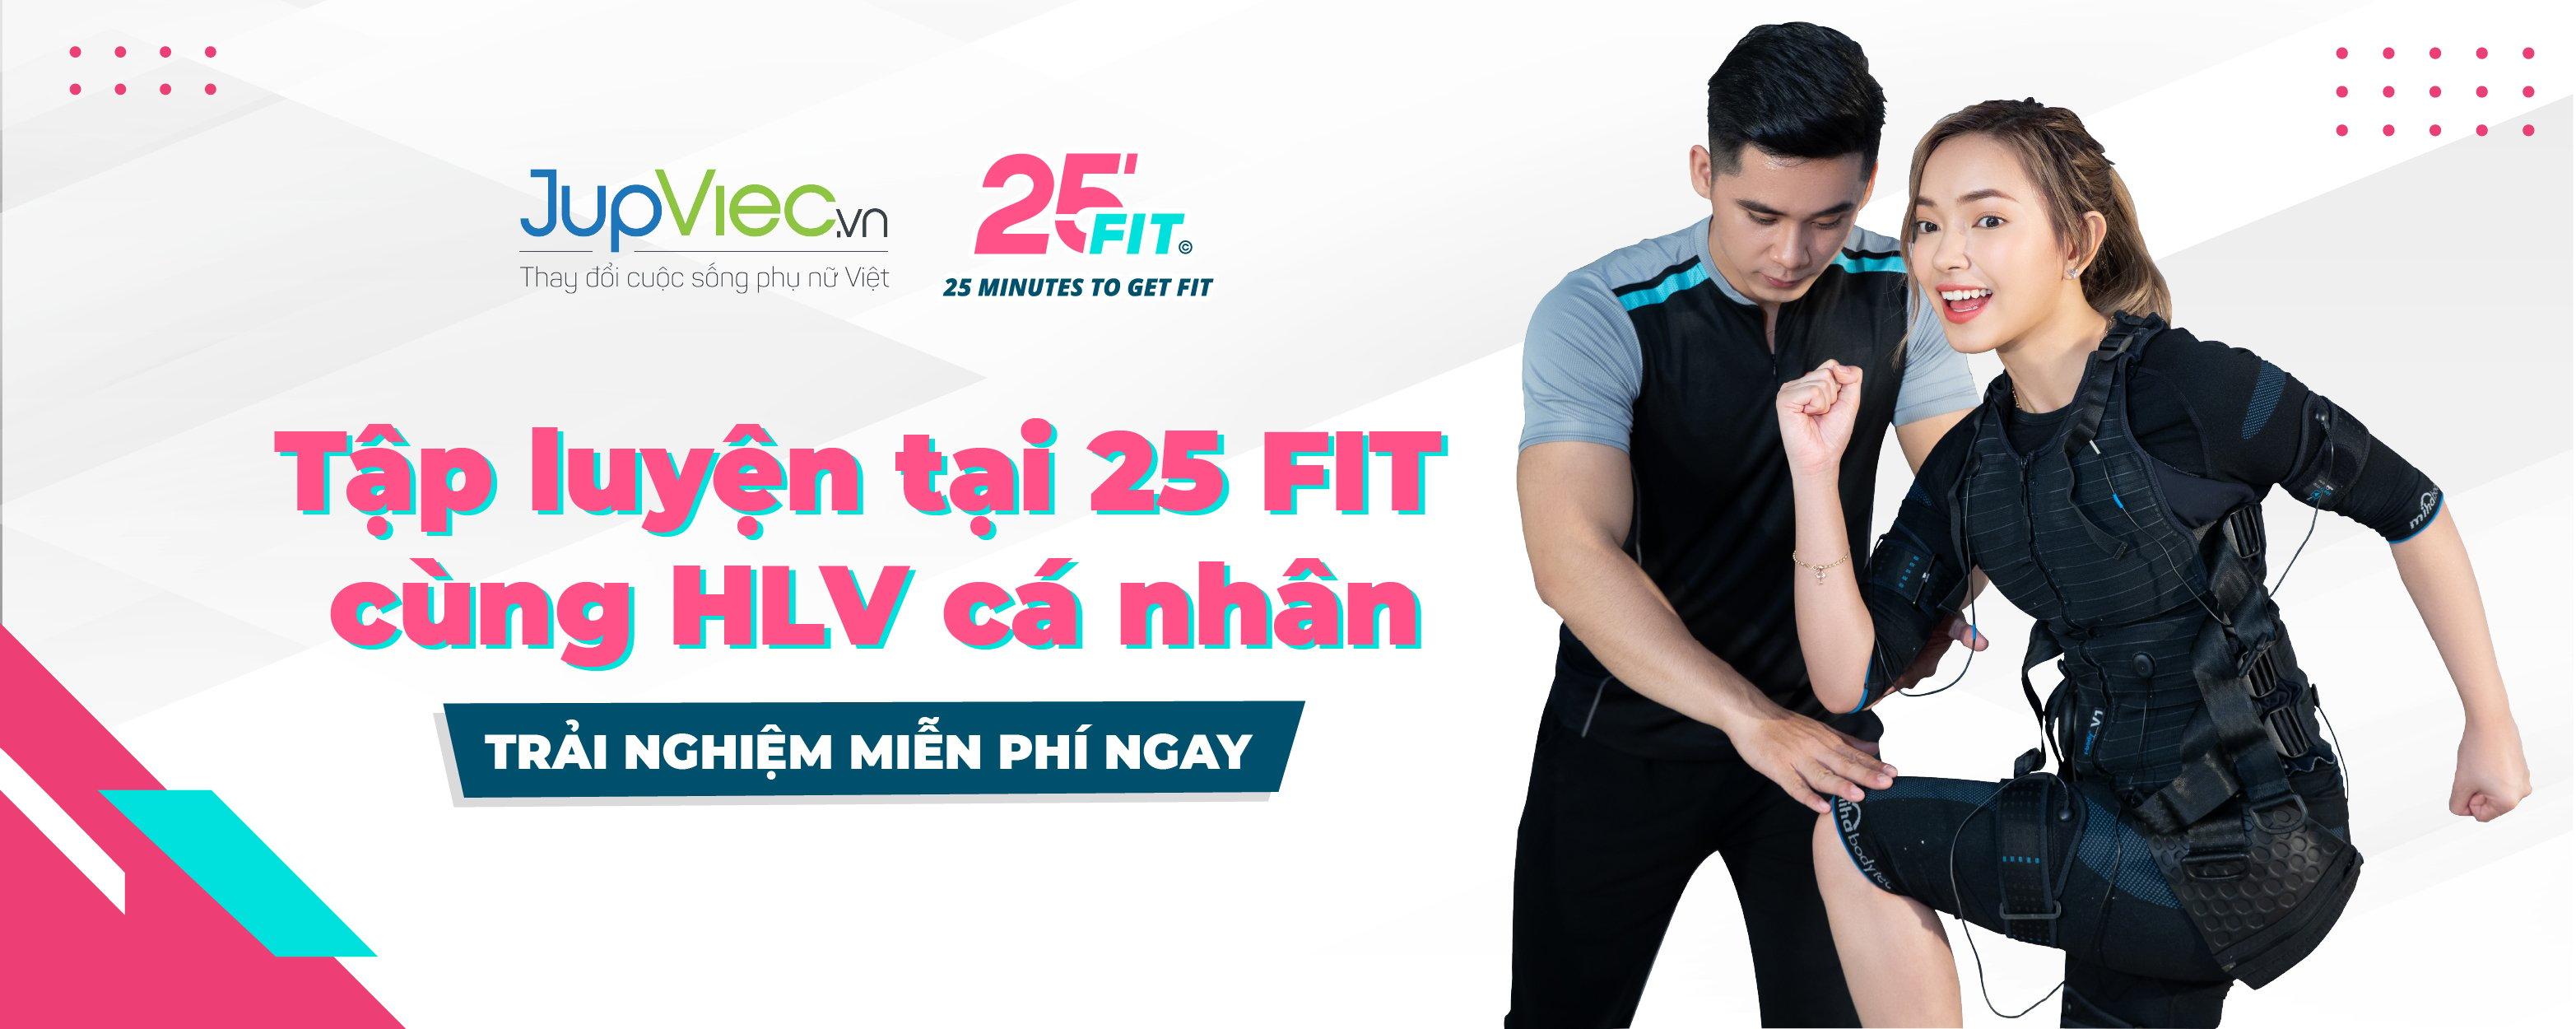 25-fit-hop-tac-cung-JupViec